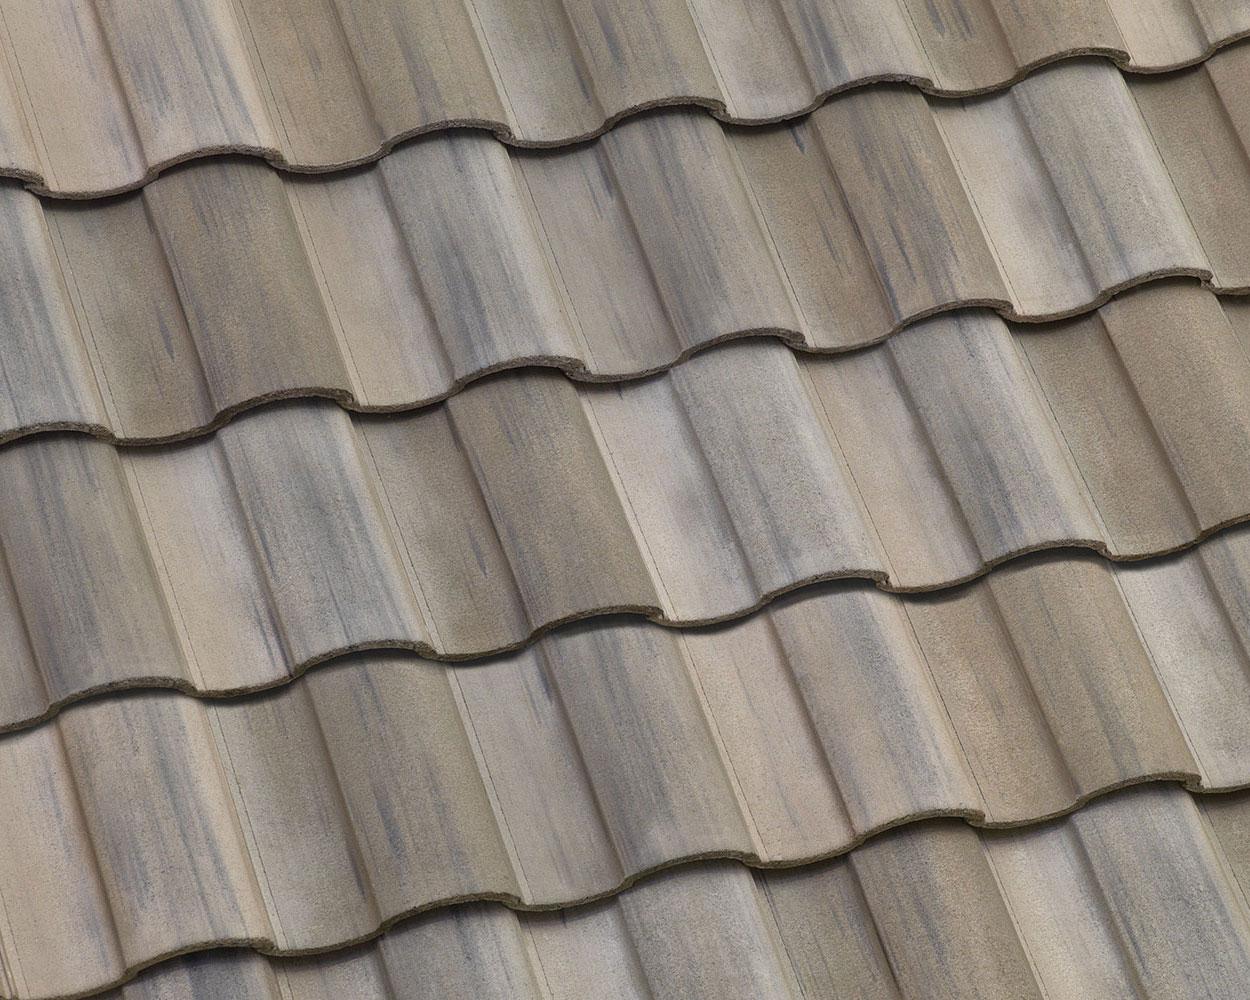 Lakeport blend tile roof color swatch